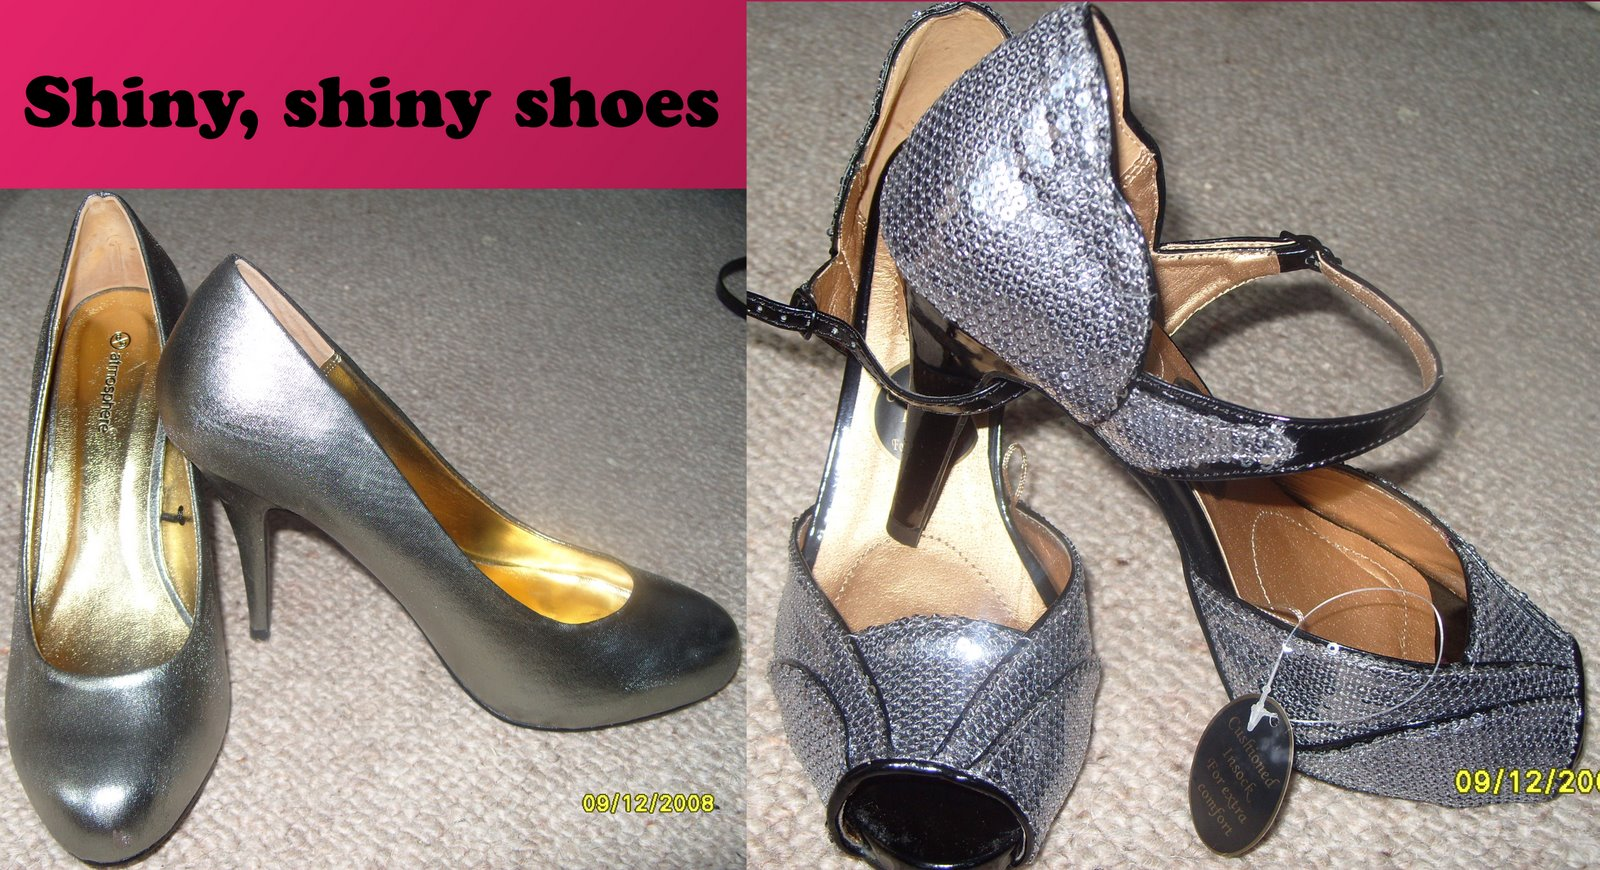 broze courts sequin vintage shoes